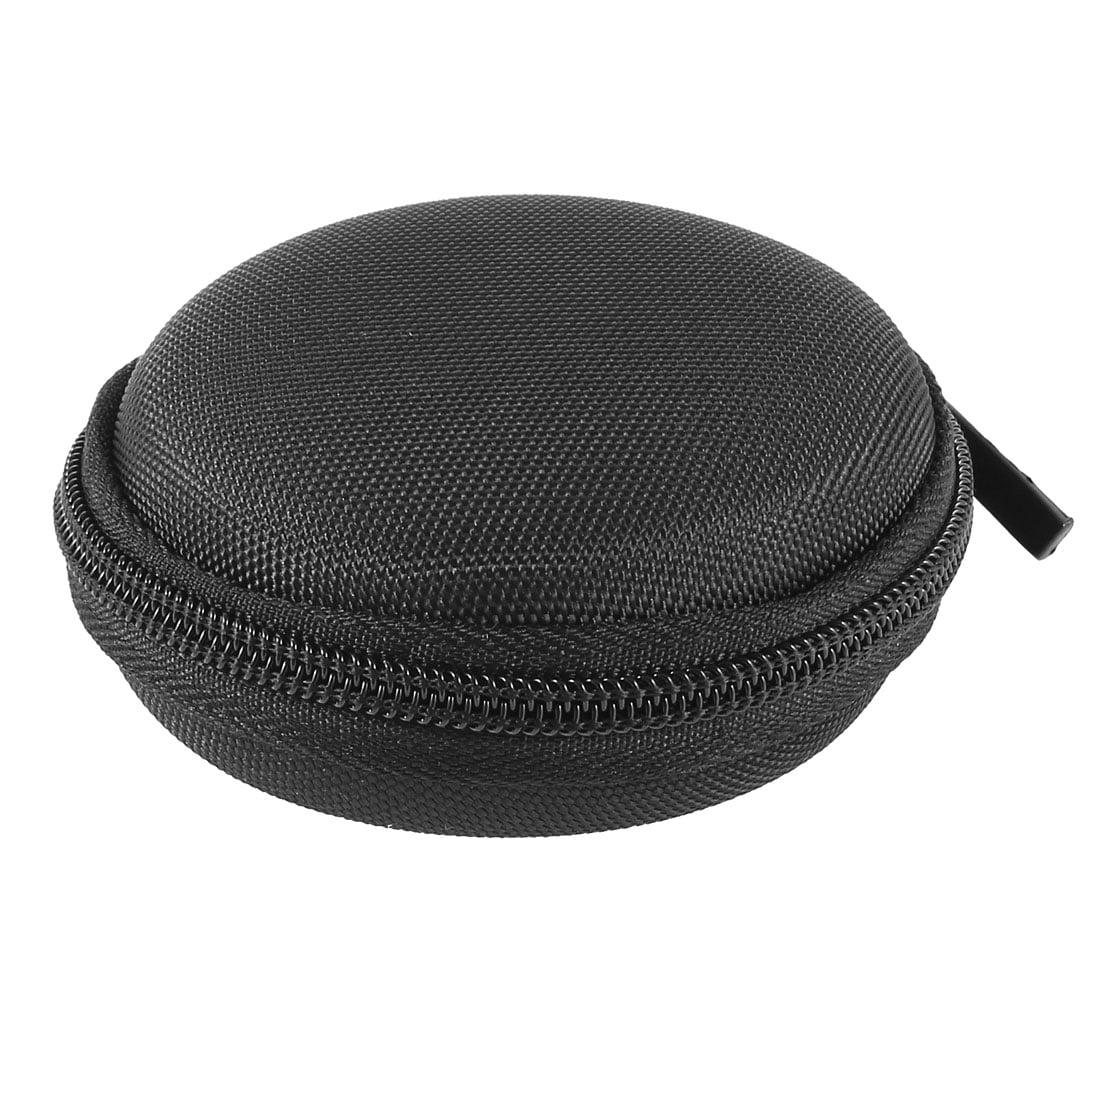 Unique Bargains Black Nylon Headset Headphone Earphone Zipper Case Pouch Bag Box